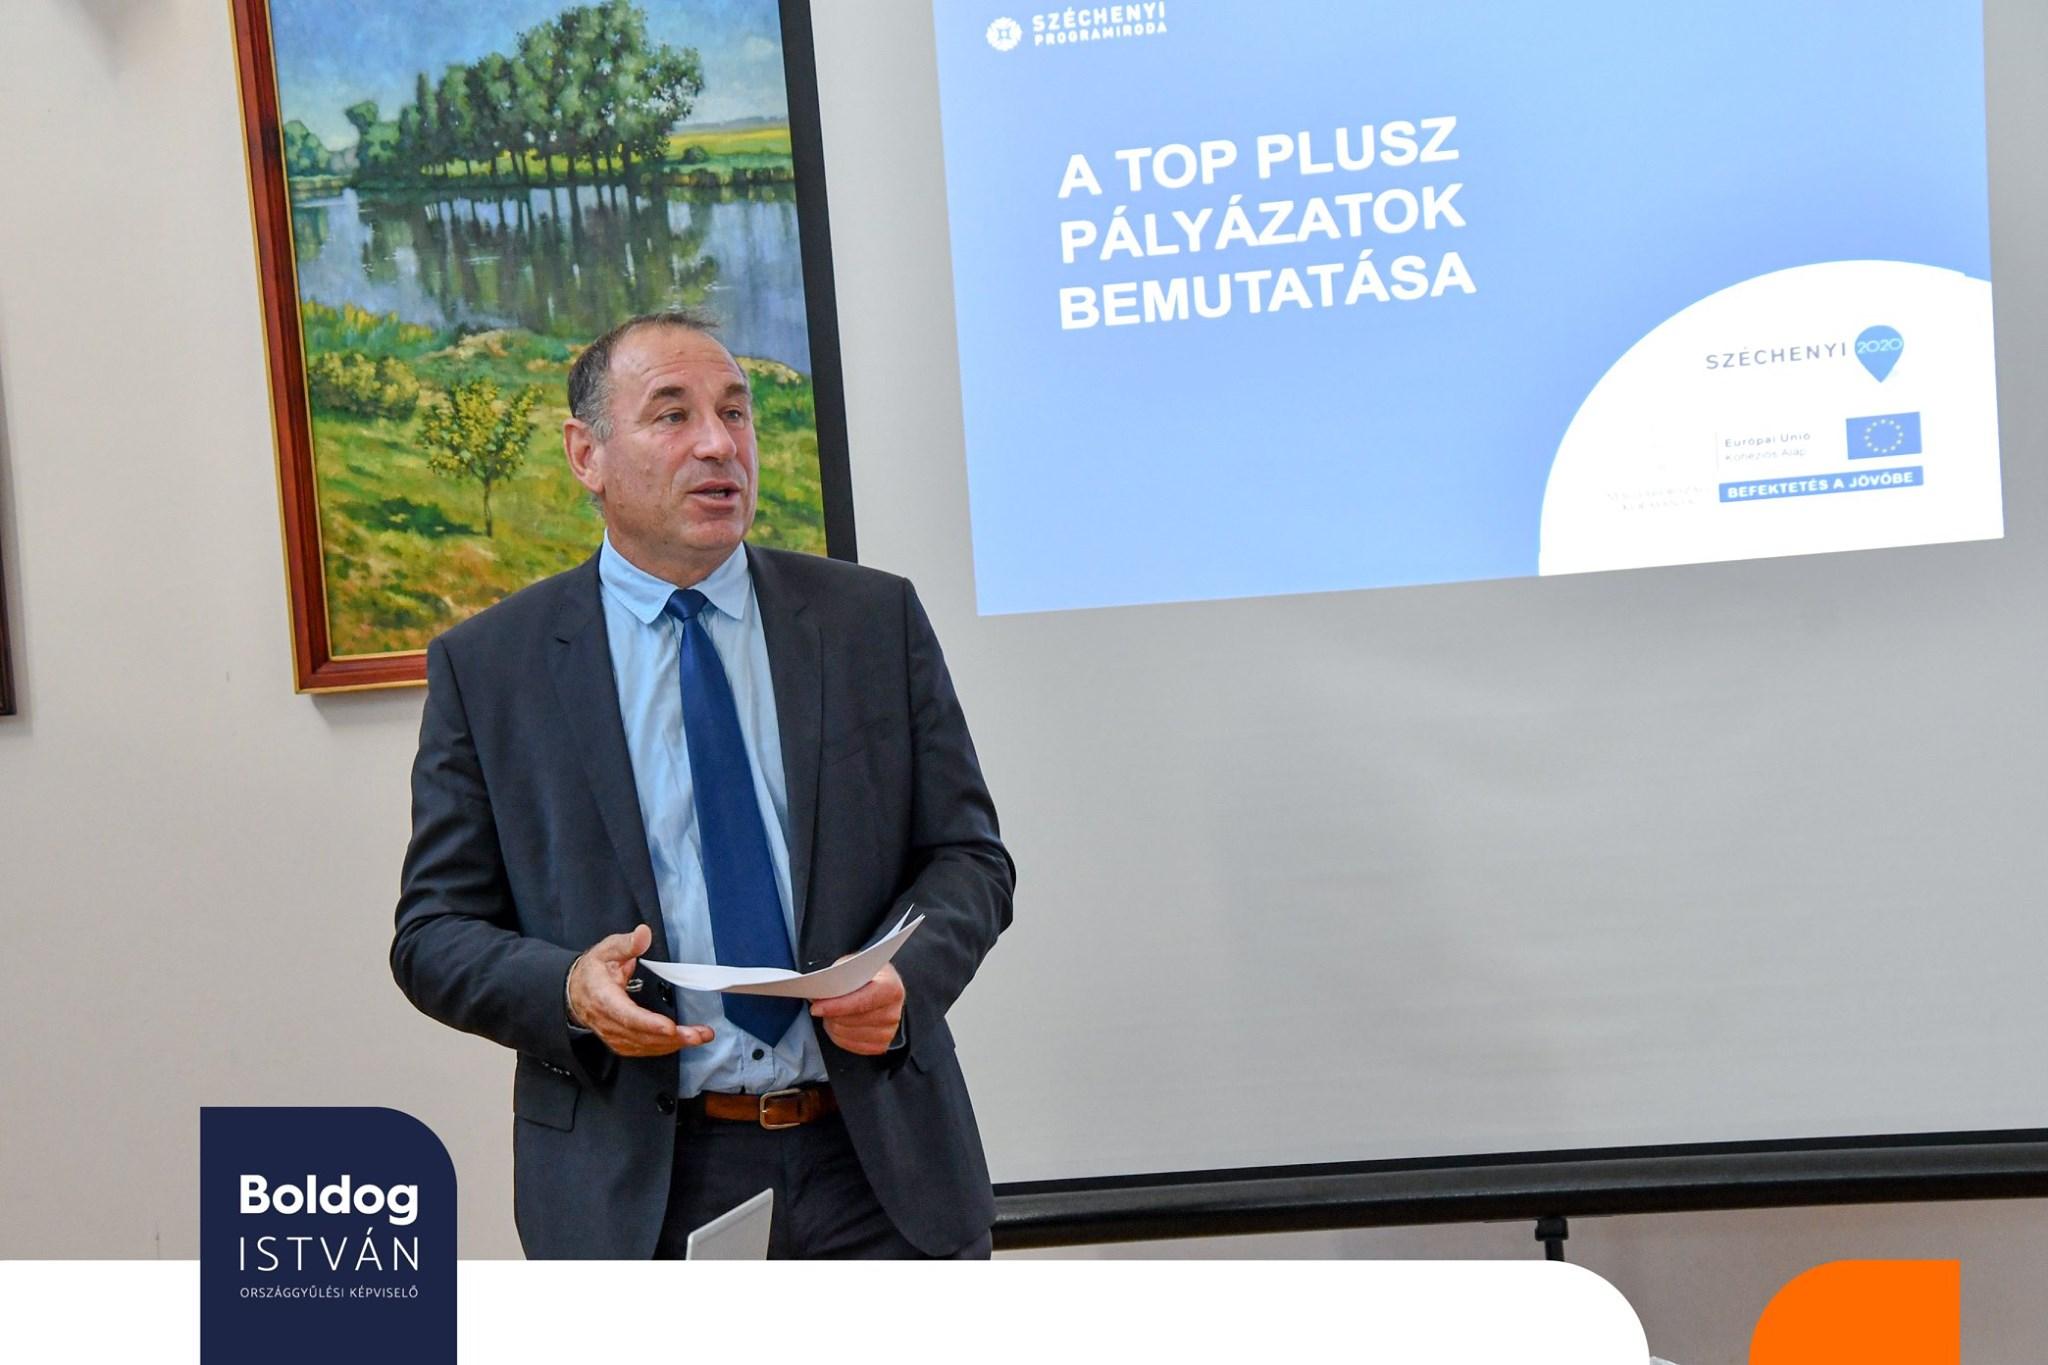 Az ügyészség azzal vádolja, hogy EU-s pályázatokból kért vissza pénzt polgármesterektől, de Boldog István ezzel mit sem törődve EU-s pályázatokról ad tájékoztatást polgármestereknek